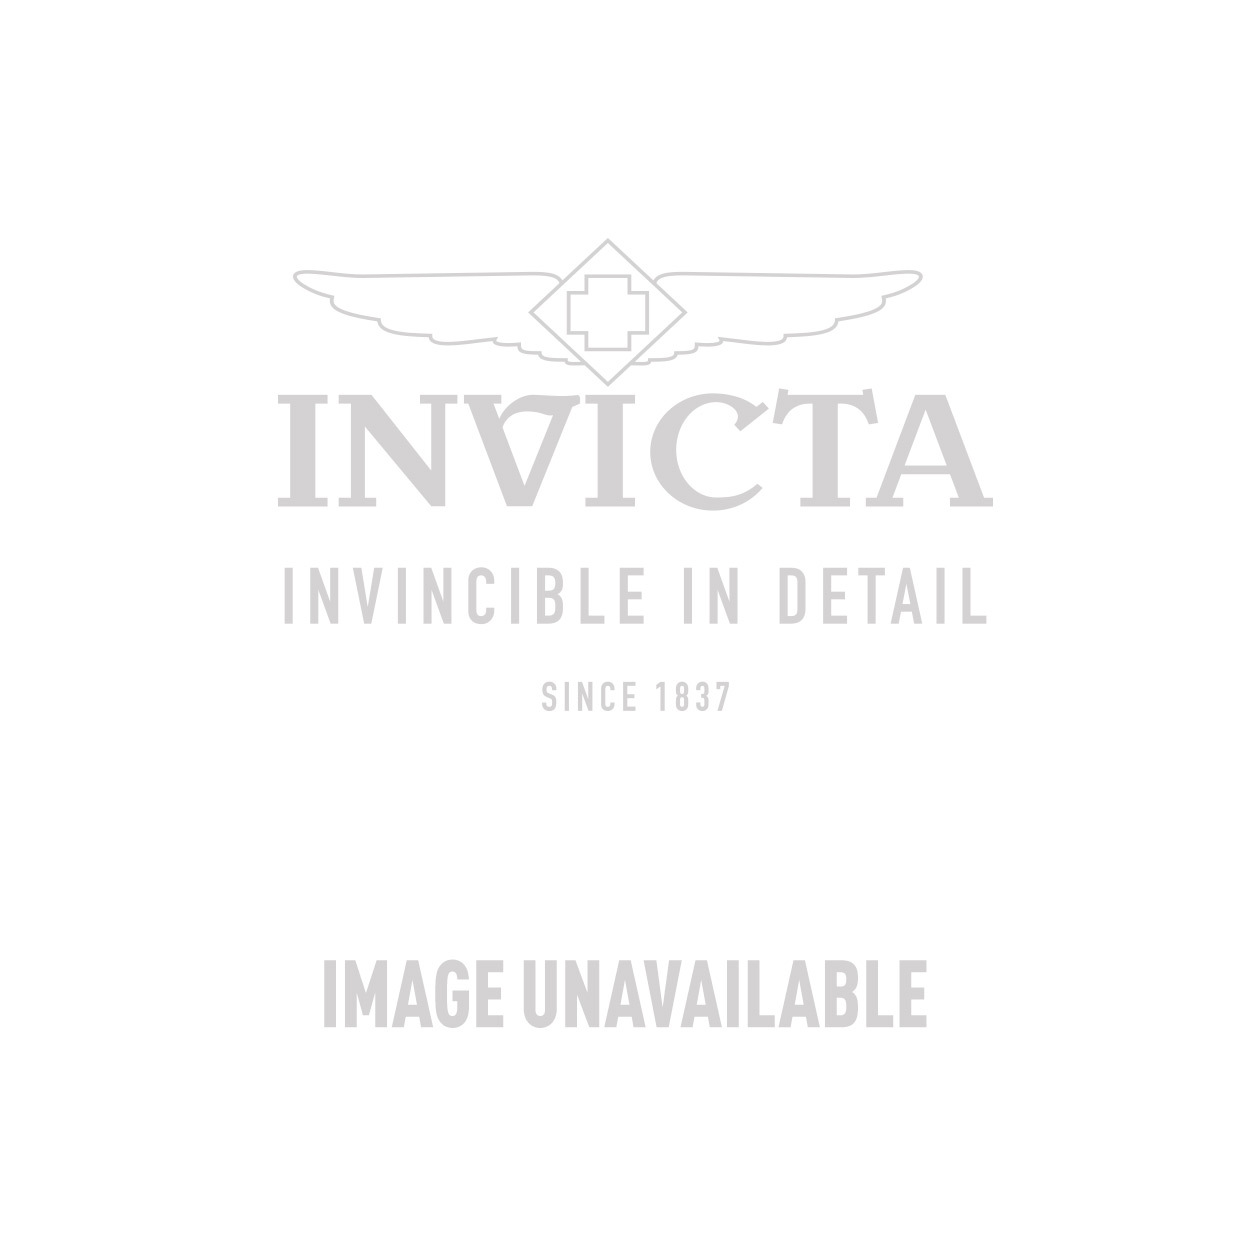 Invicta Model  25543